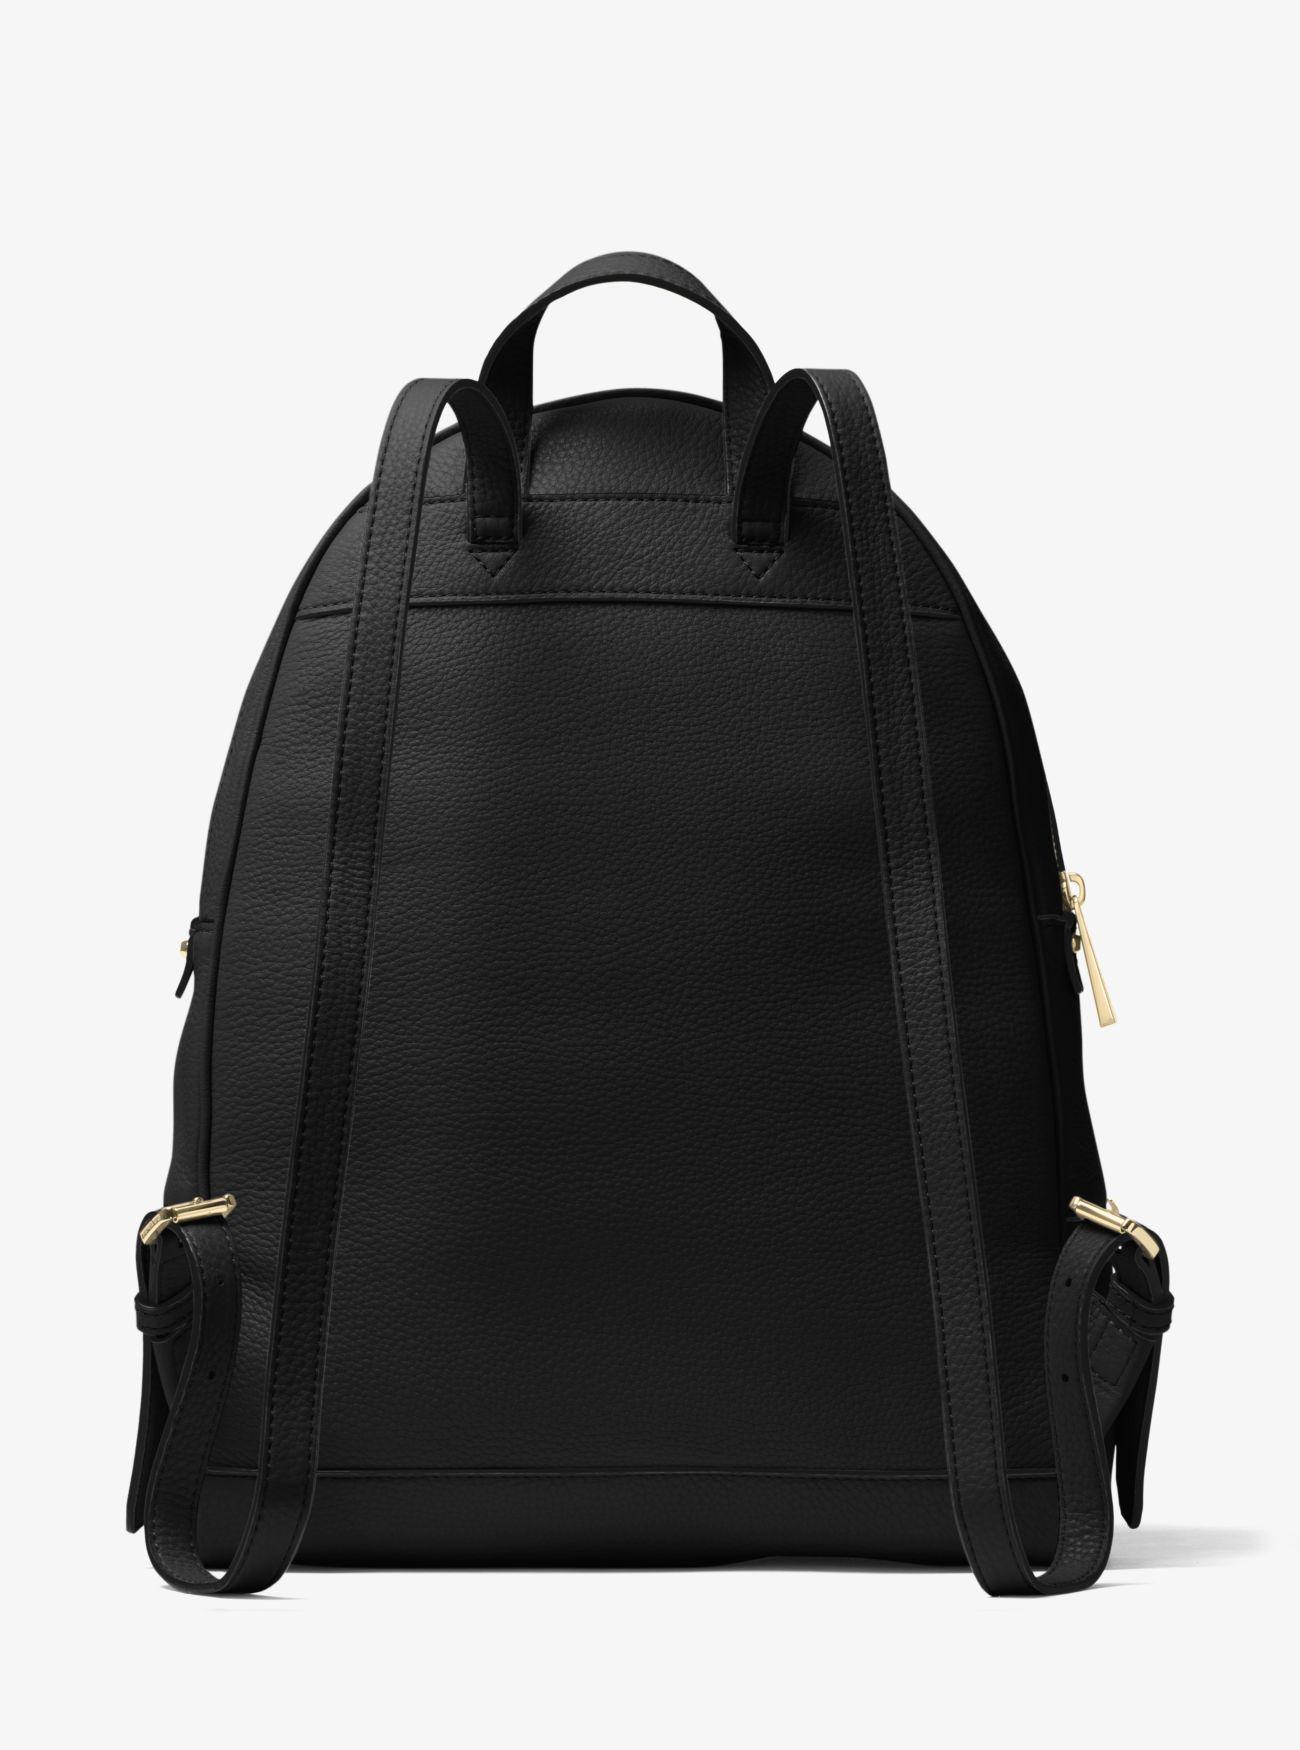 f3527f8f7afa ... Rhea Large Leather Backpack. MICHAEL Michael Kors